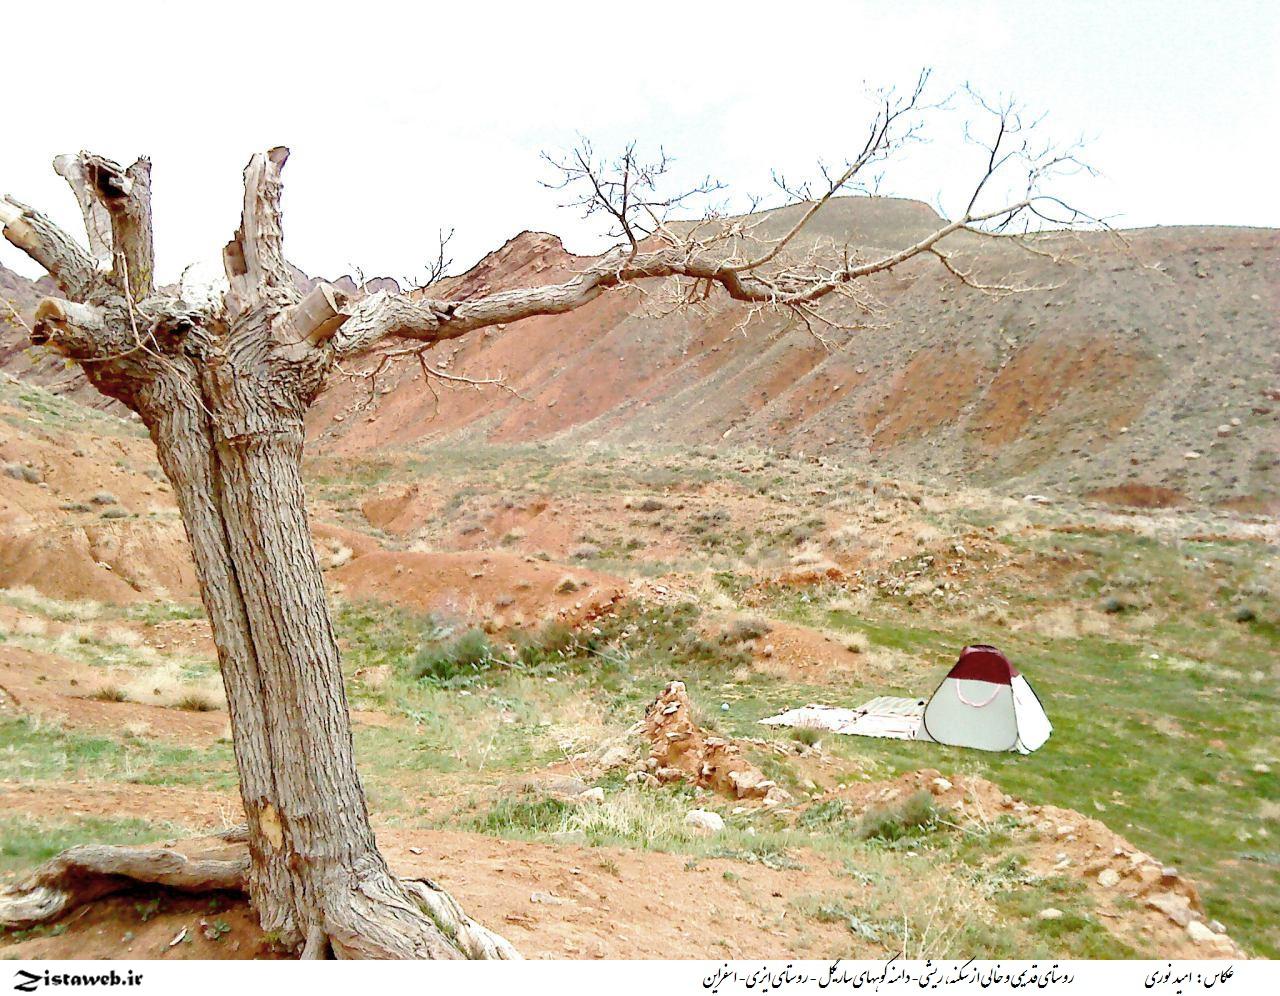 روستای قدیمی و خالی از سکنه ، ریشی- دامنه کوههای ساریگل - روستای ایزی- اسفراین/عکاس :امید نوری